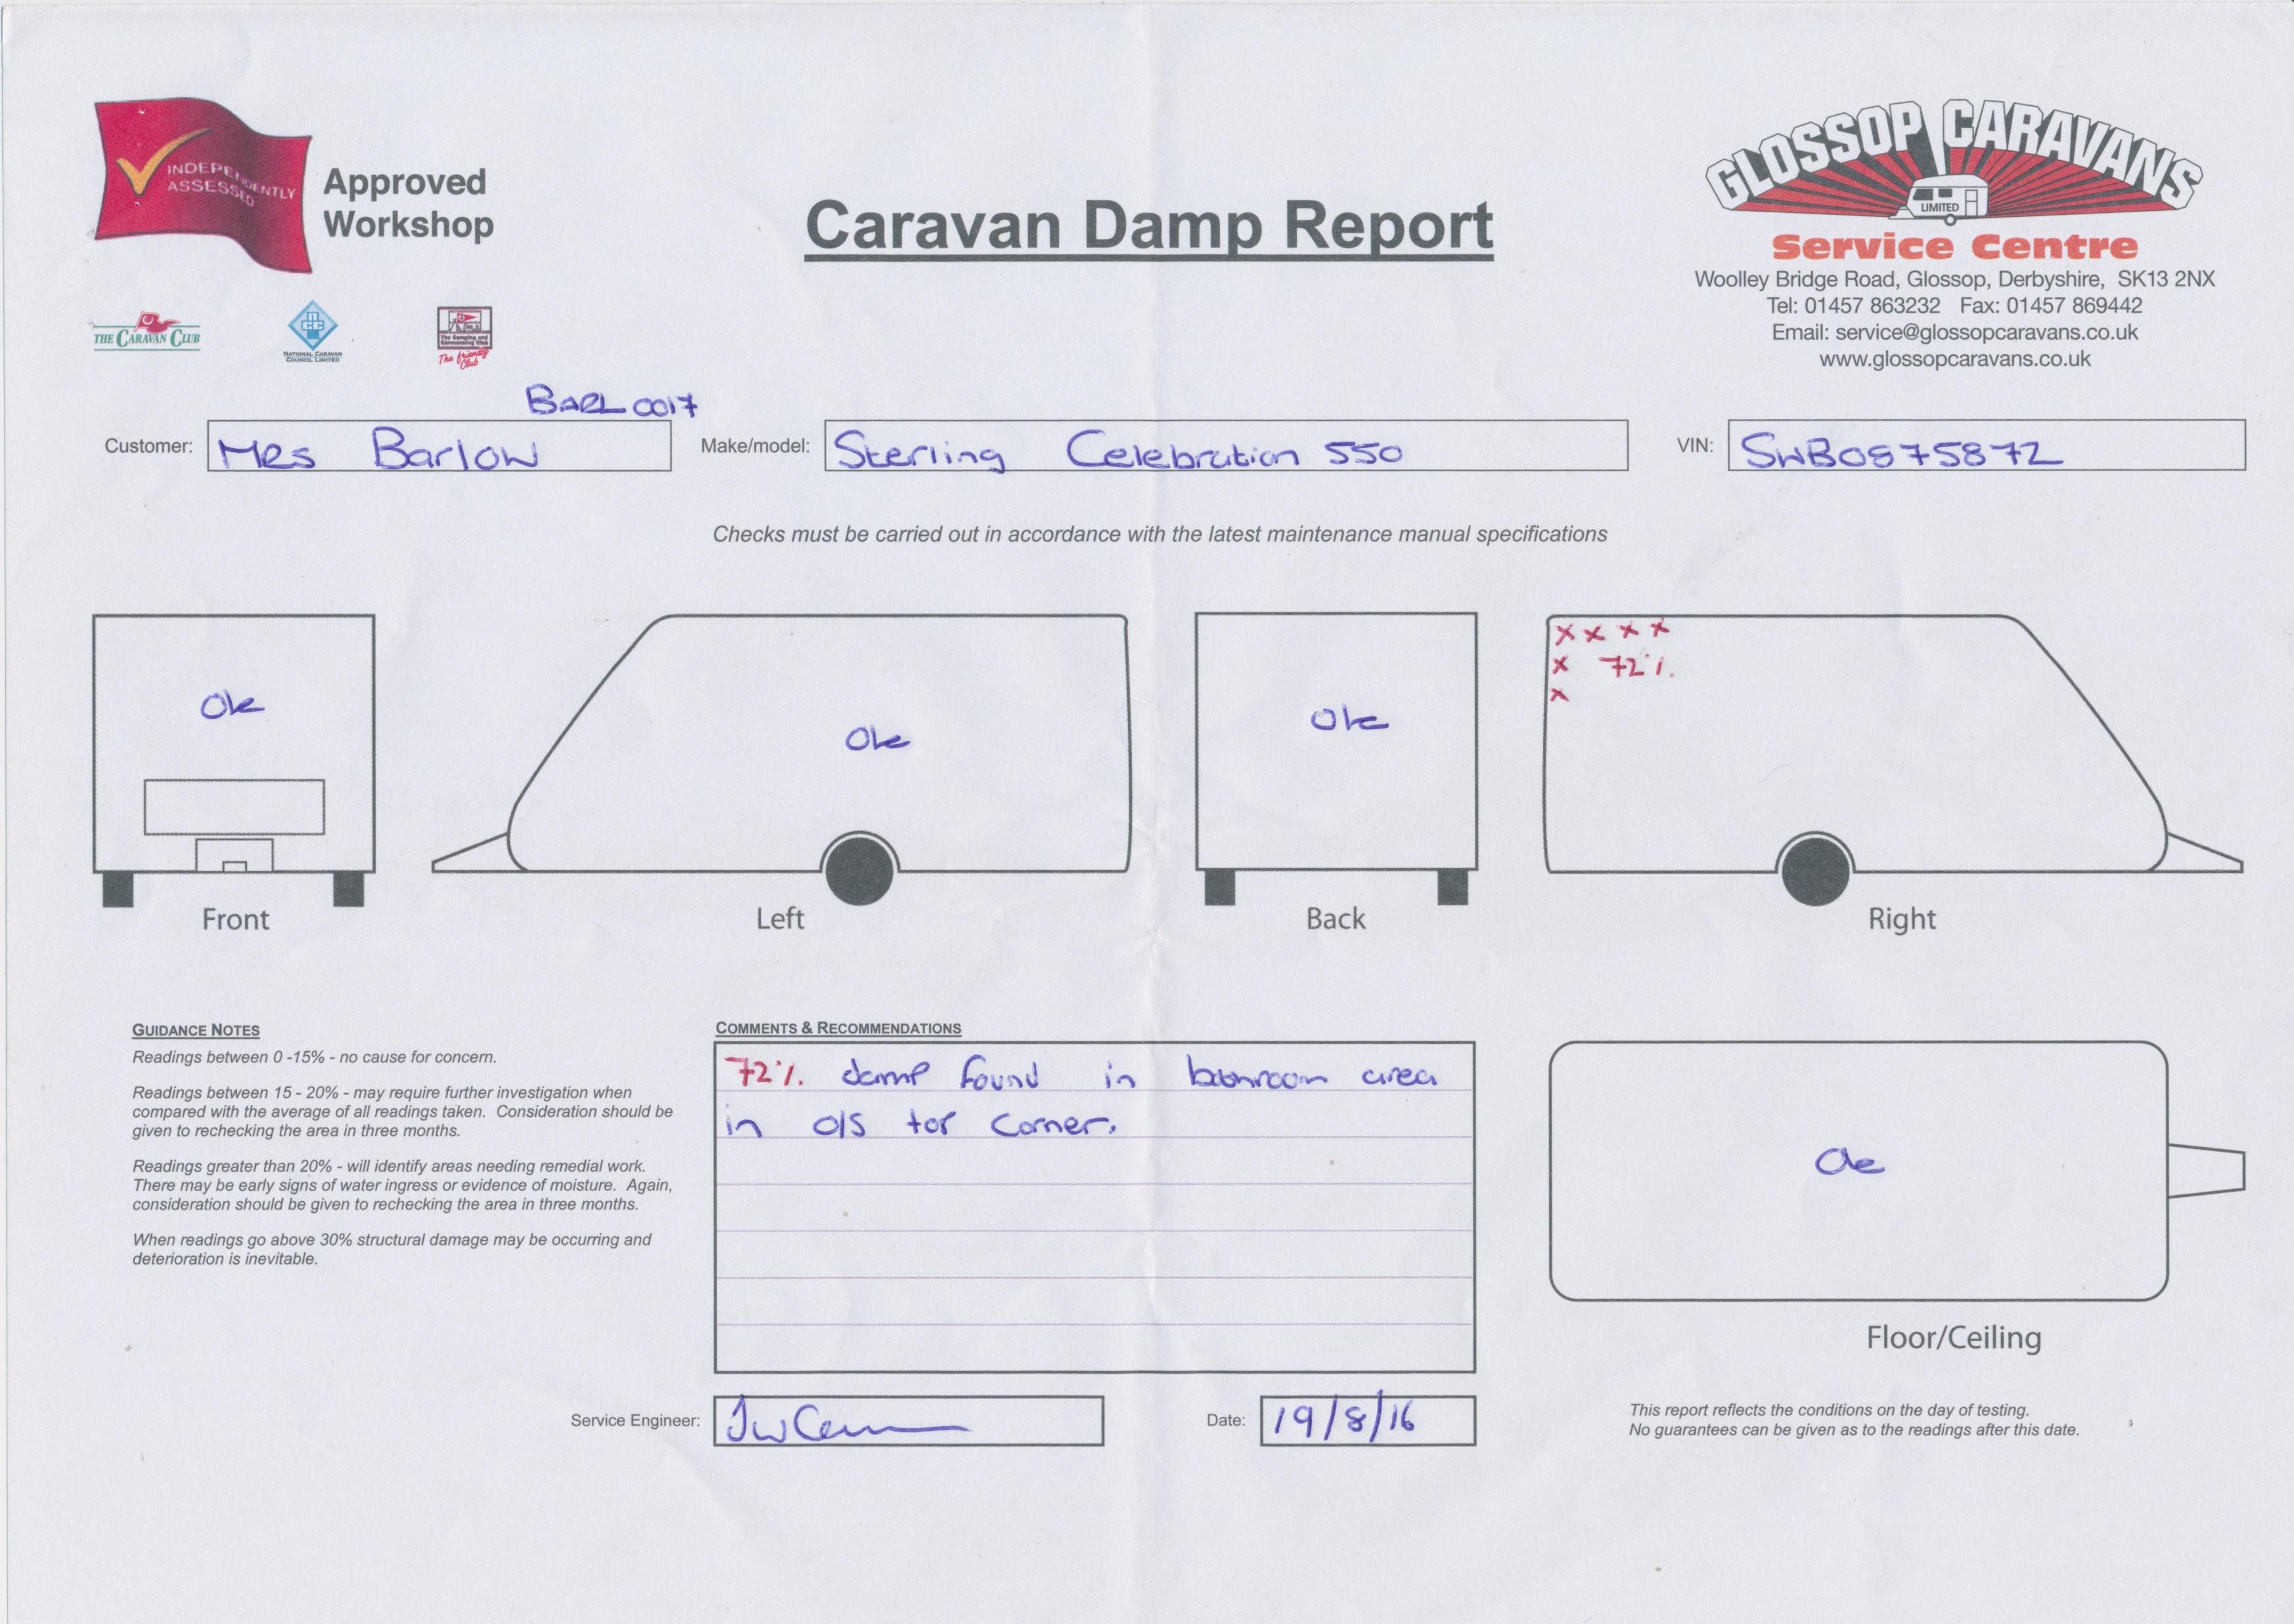 Elddis Caravan Wiring Diagram Electrical Diagrams Bailey Schematic Solar Pv System Buccaneer Enthusiast